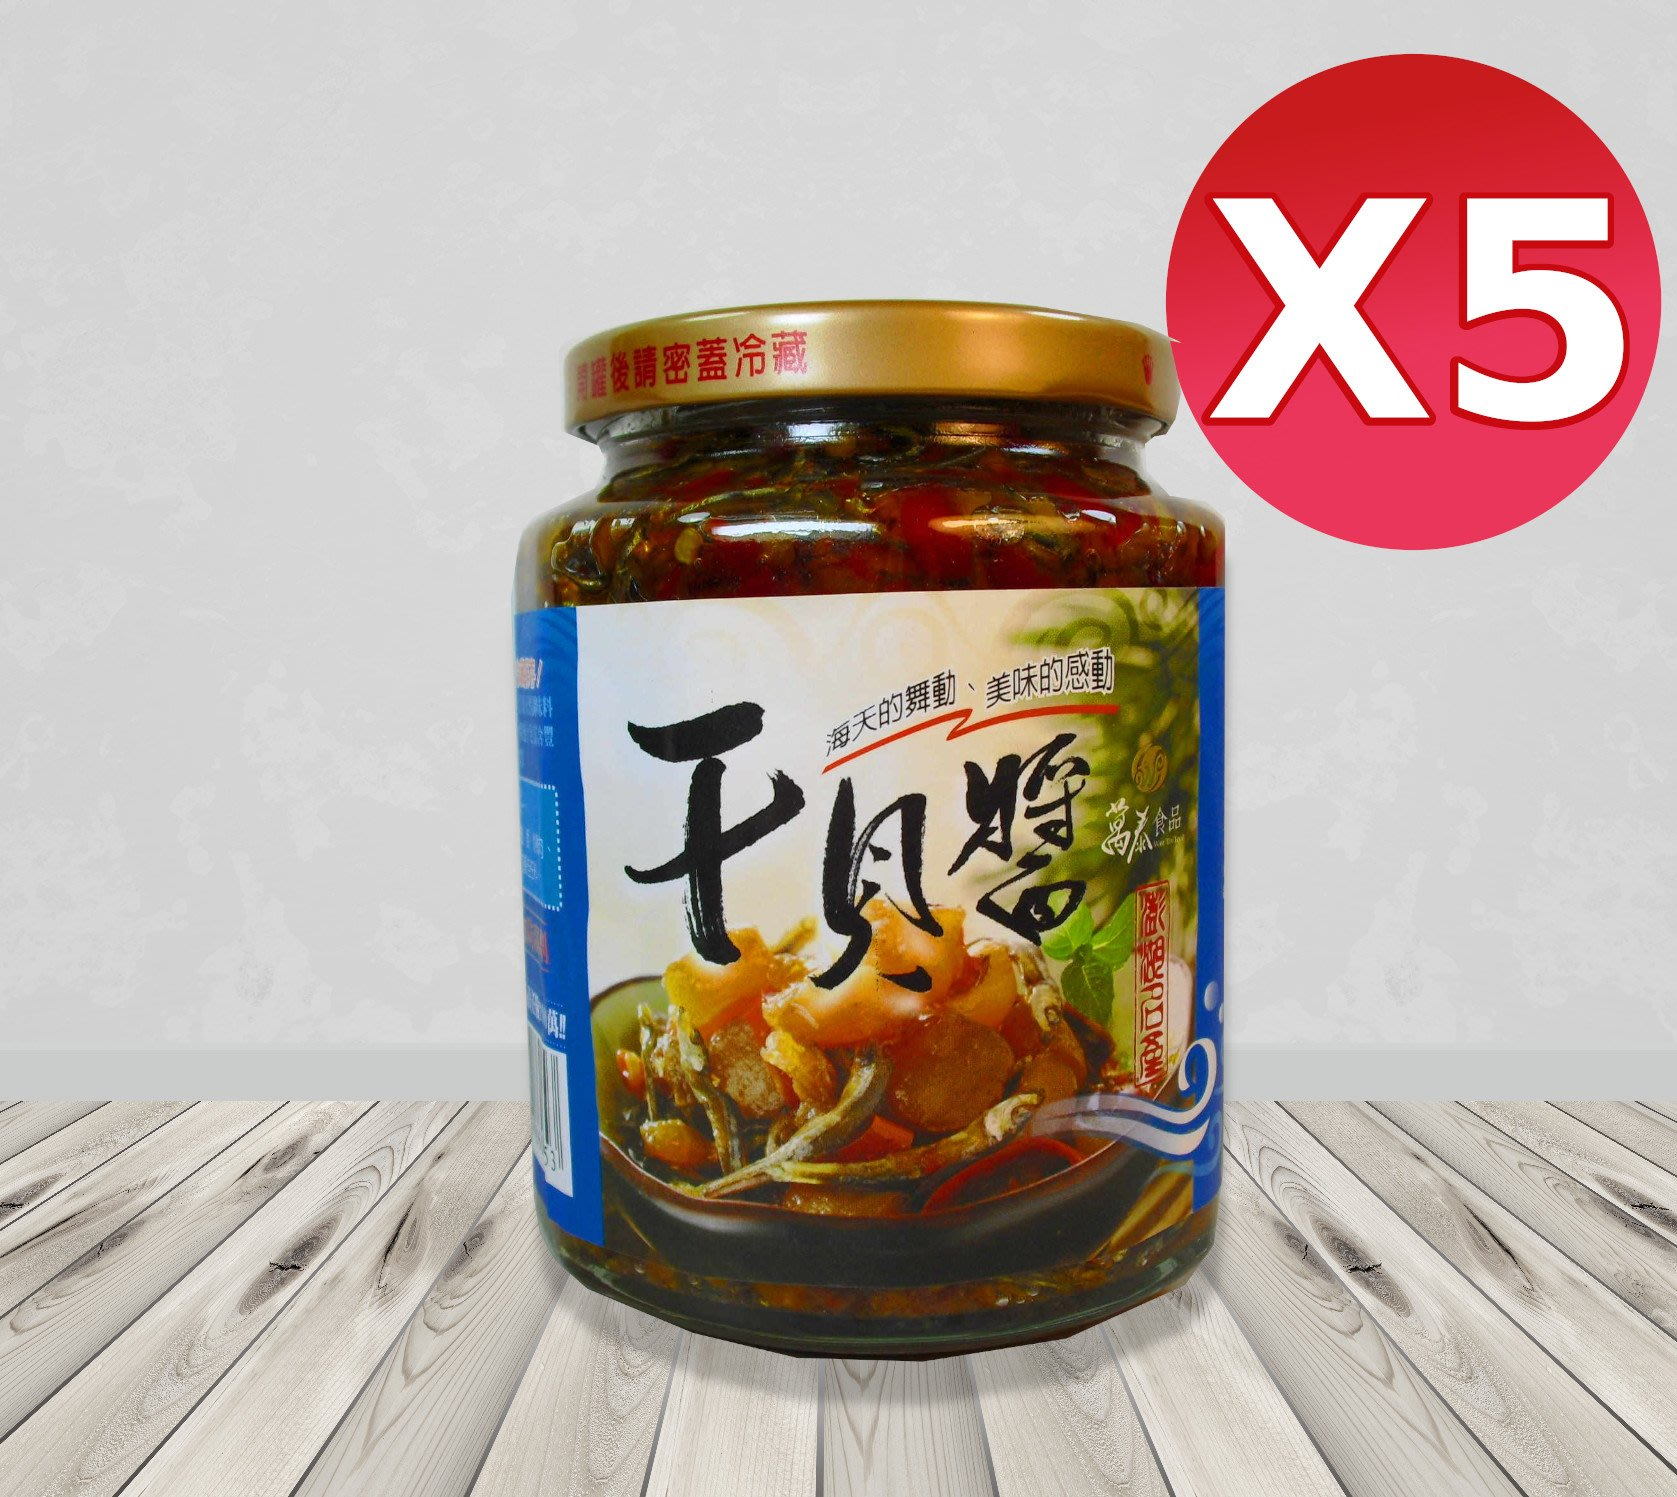 『澎湖GO鑫鮮』萬泰干貝醬(5瓶/組)